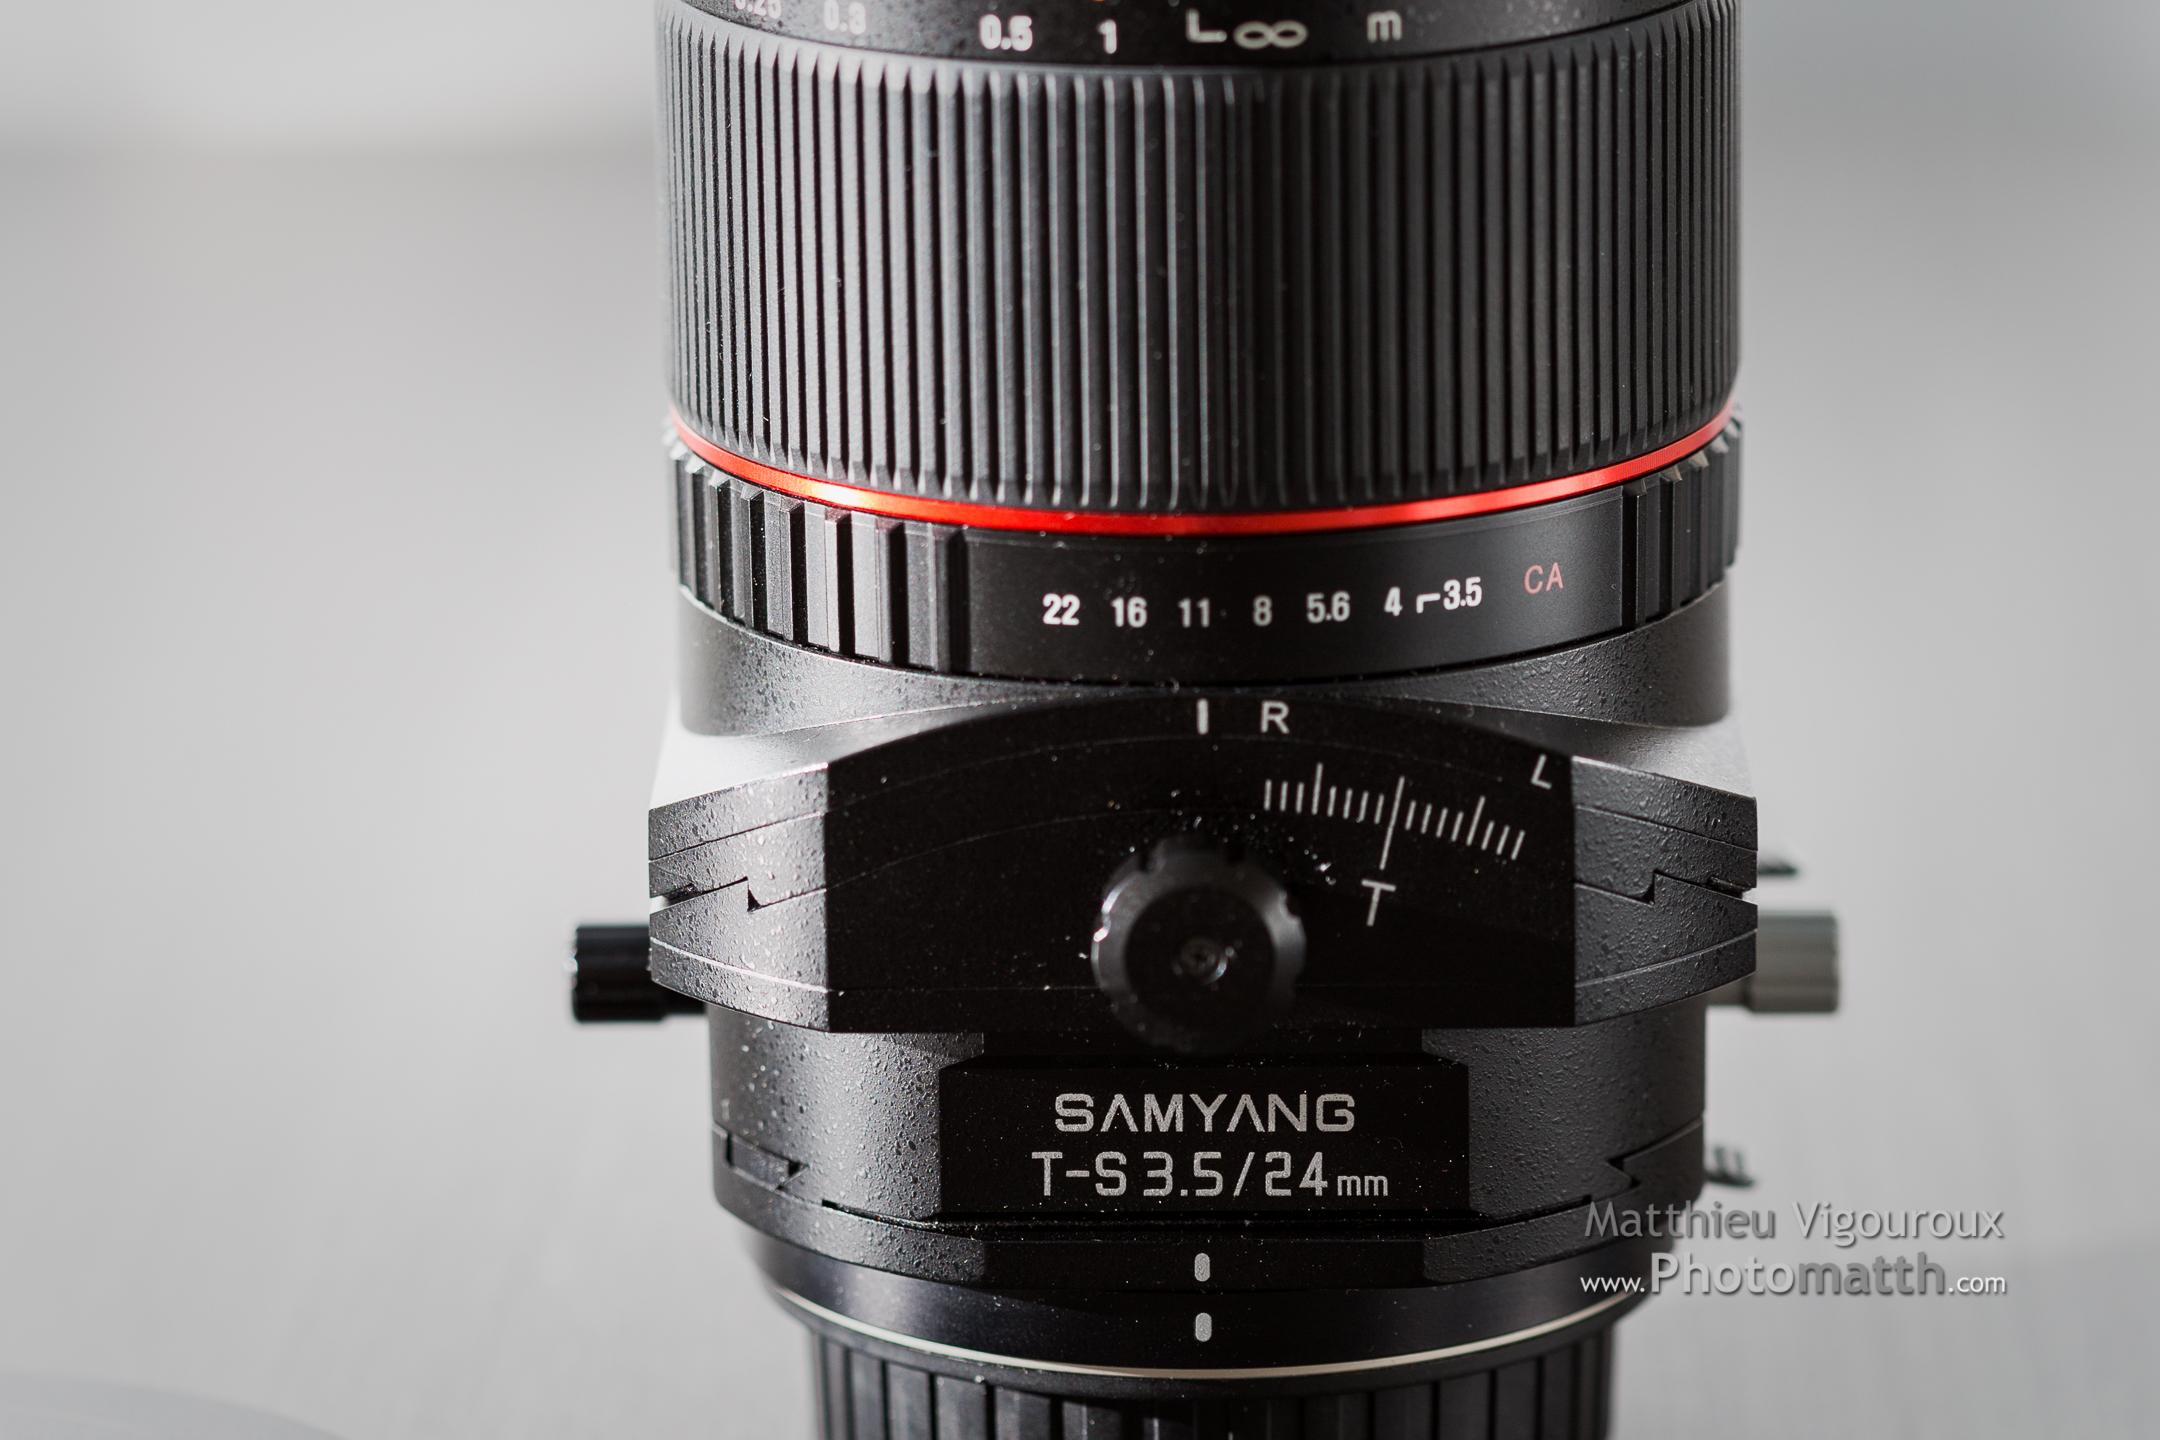 Test| Samyang T-S 24mm 3.5 (Tilt shift) | Premières impressions